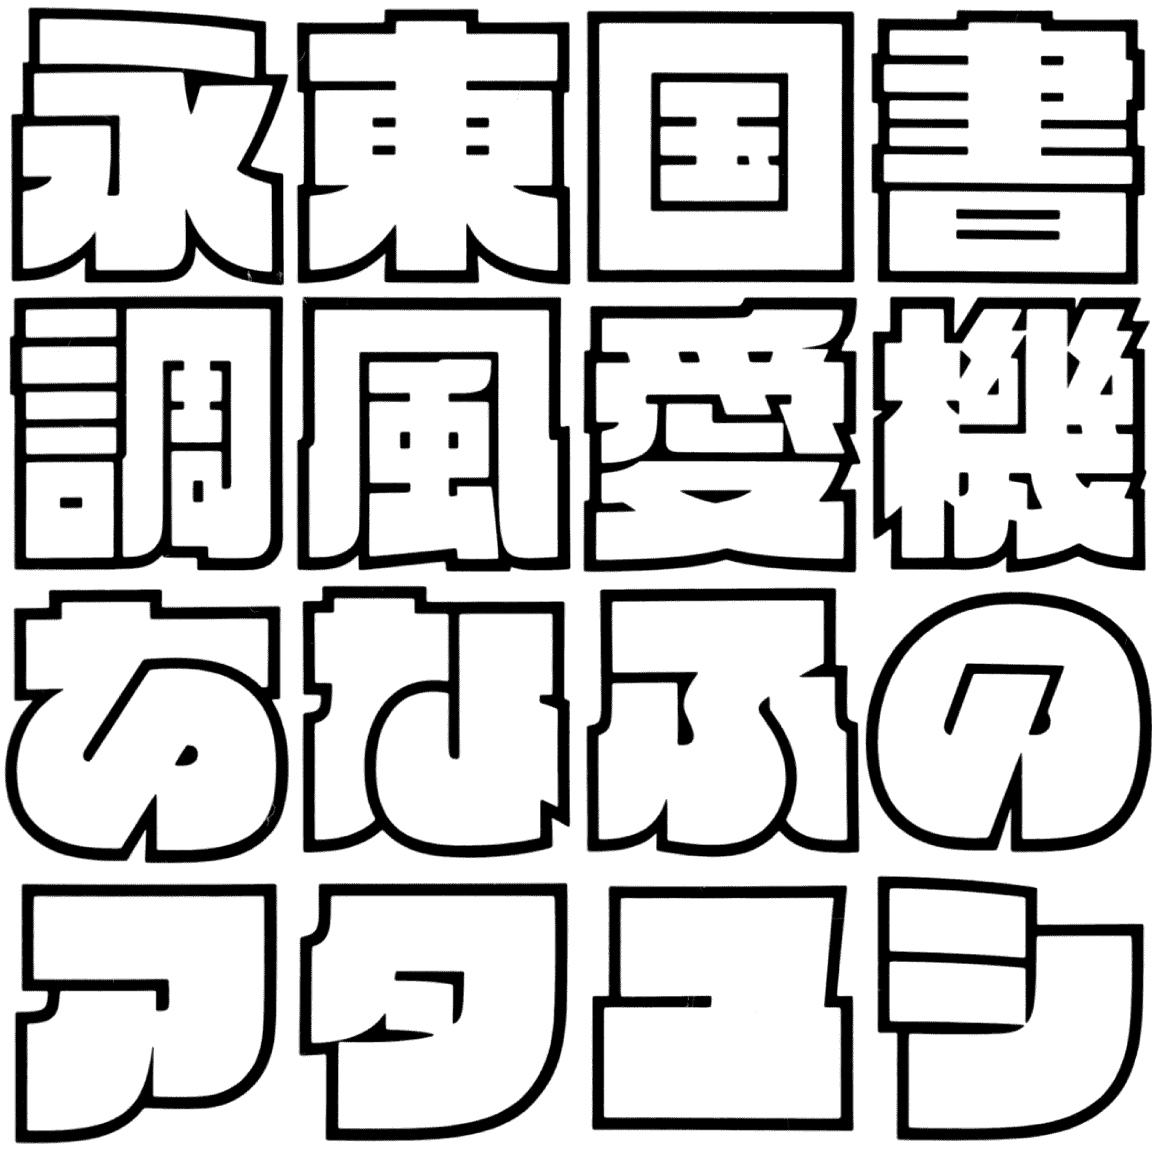 ラボゴ OLBG 字形見本